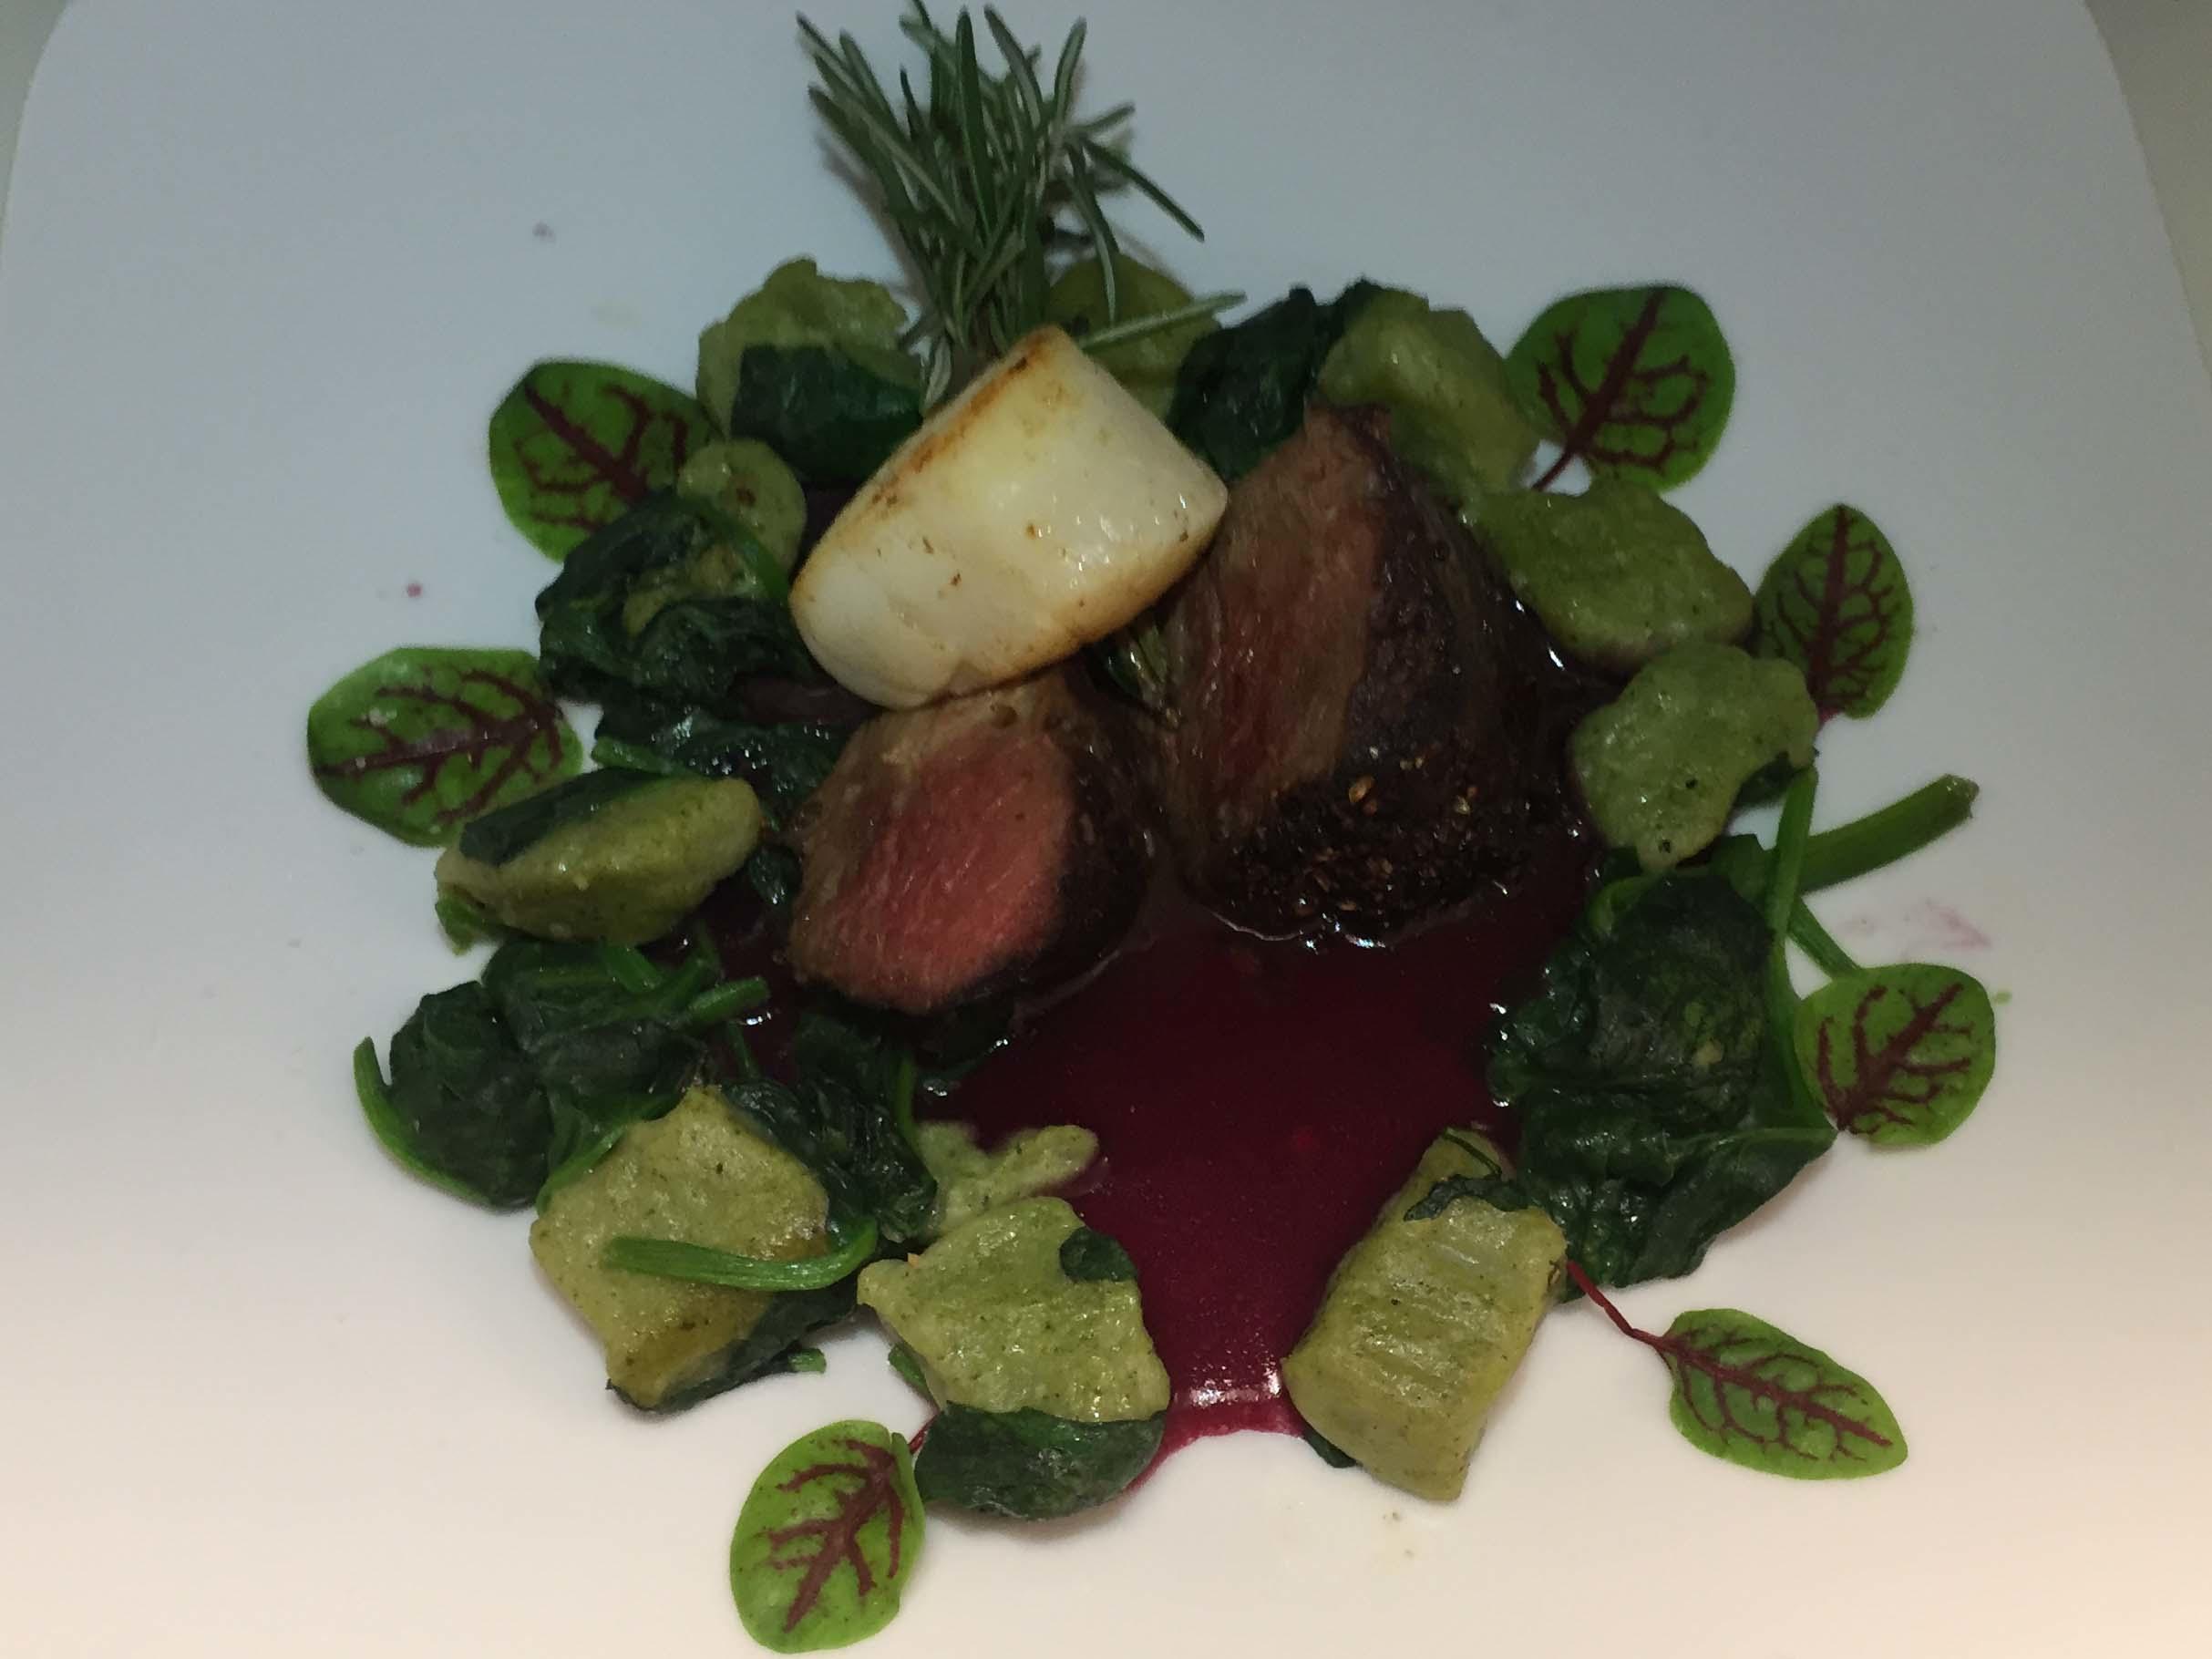 Rosa Hirschkalbsfilet mit Jakobsmuschel auf Spinatgnocchi und Rotweinsauce - Rezept Durch Das perfekte Dinner